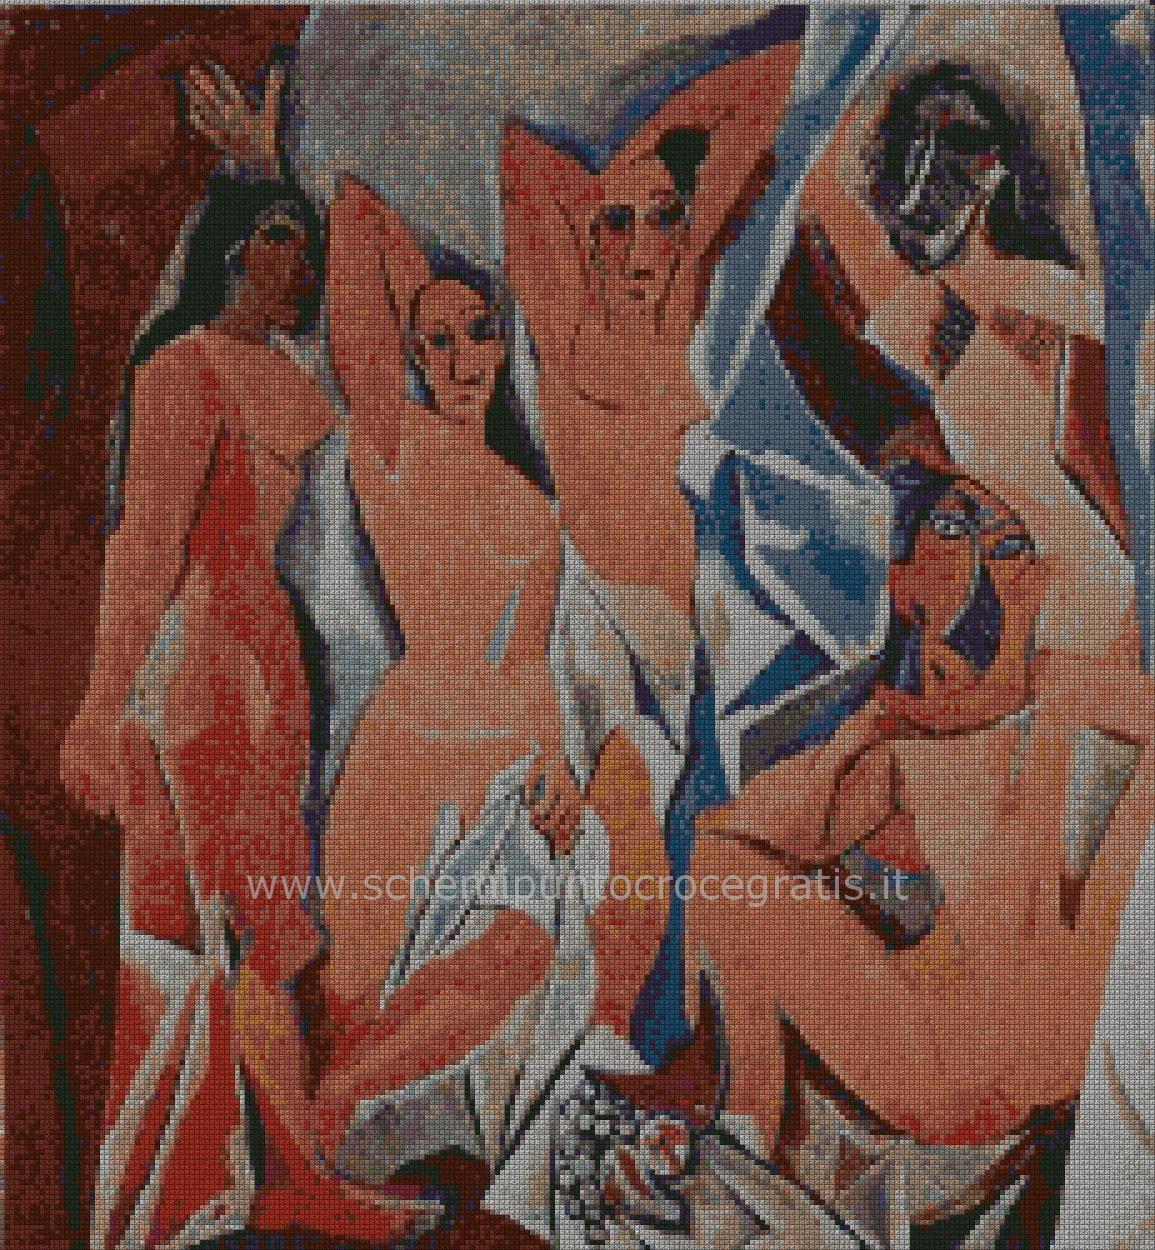 pittori_moderni/picasso/Picasso16.jpg